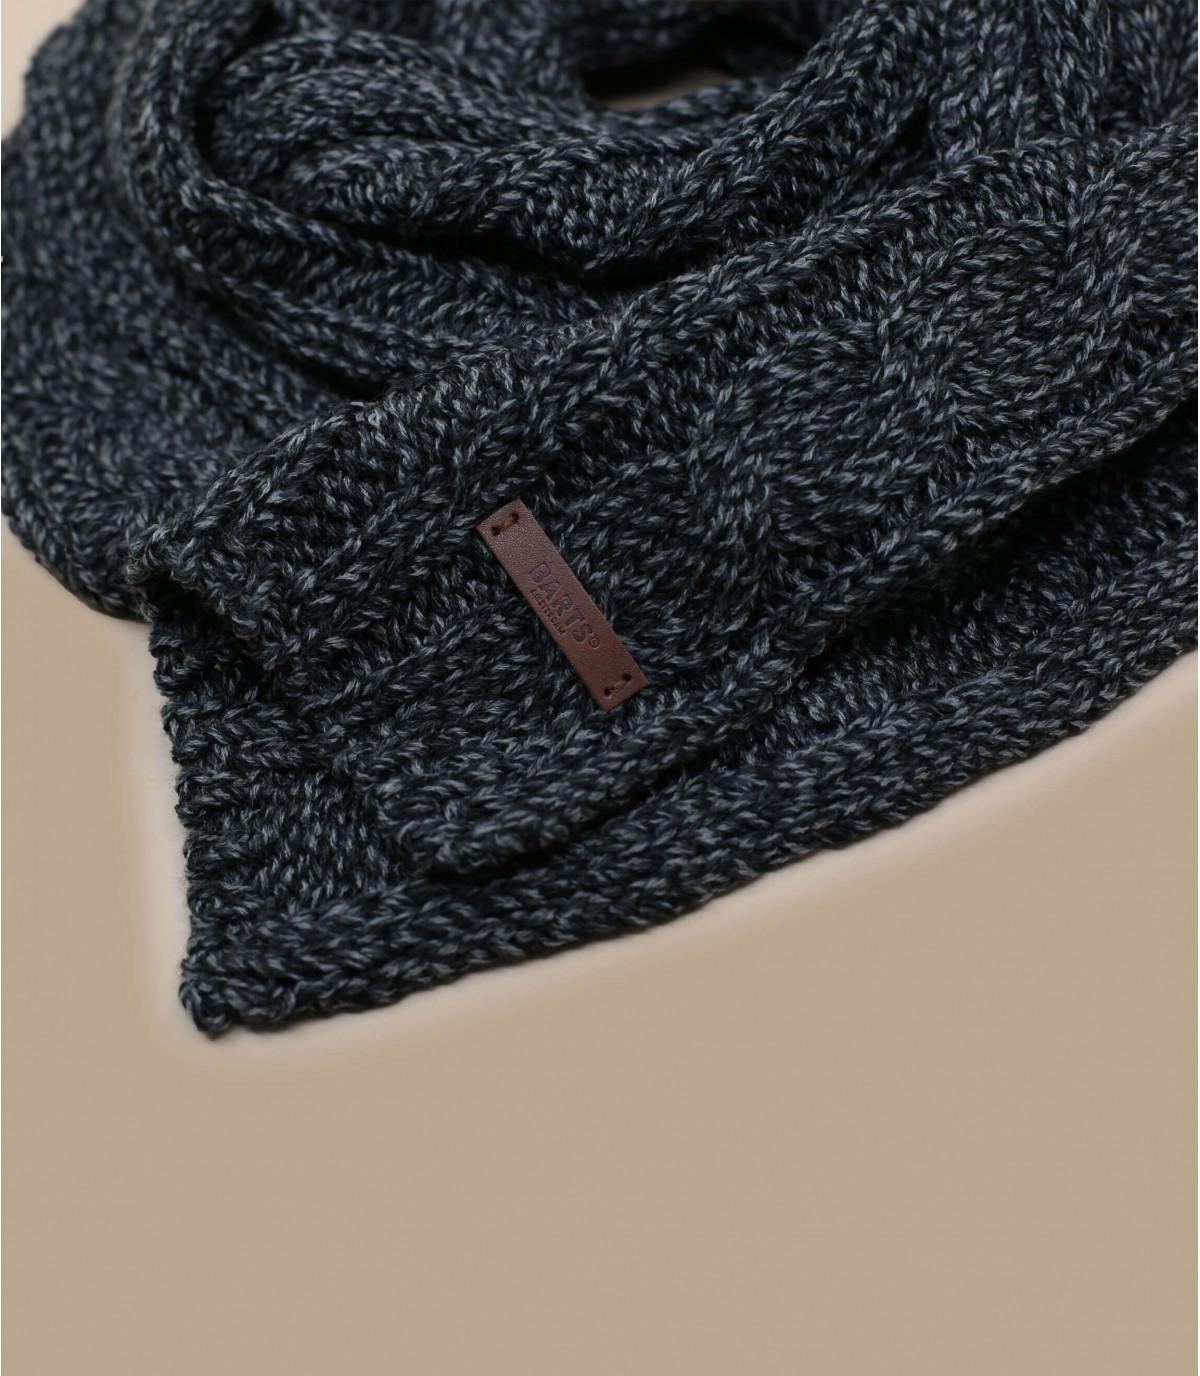 Details Twister Scarf black - Abbildung 2